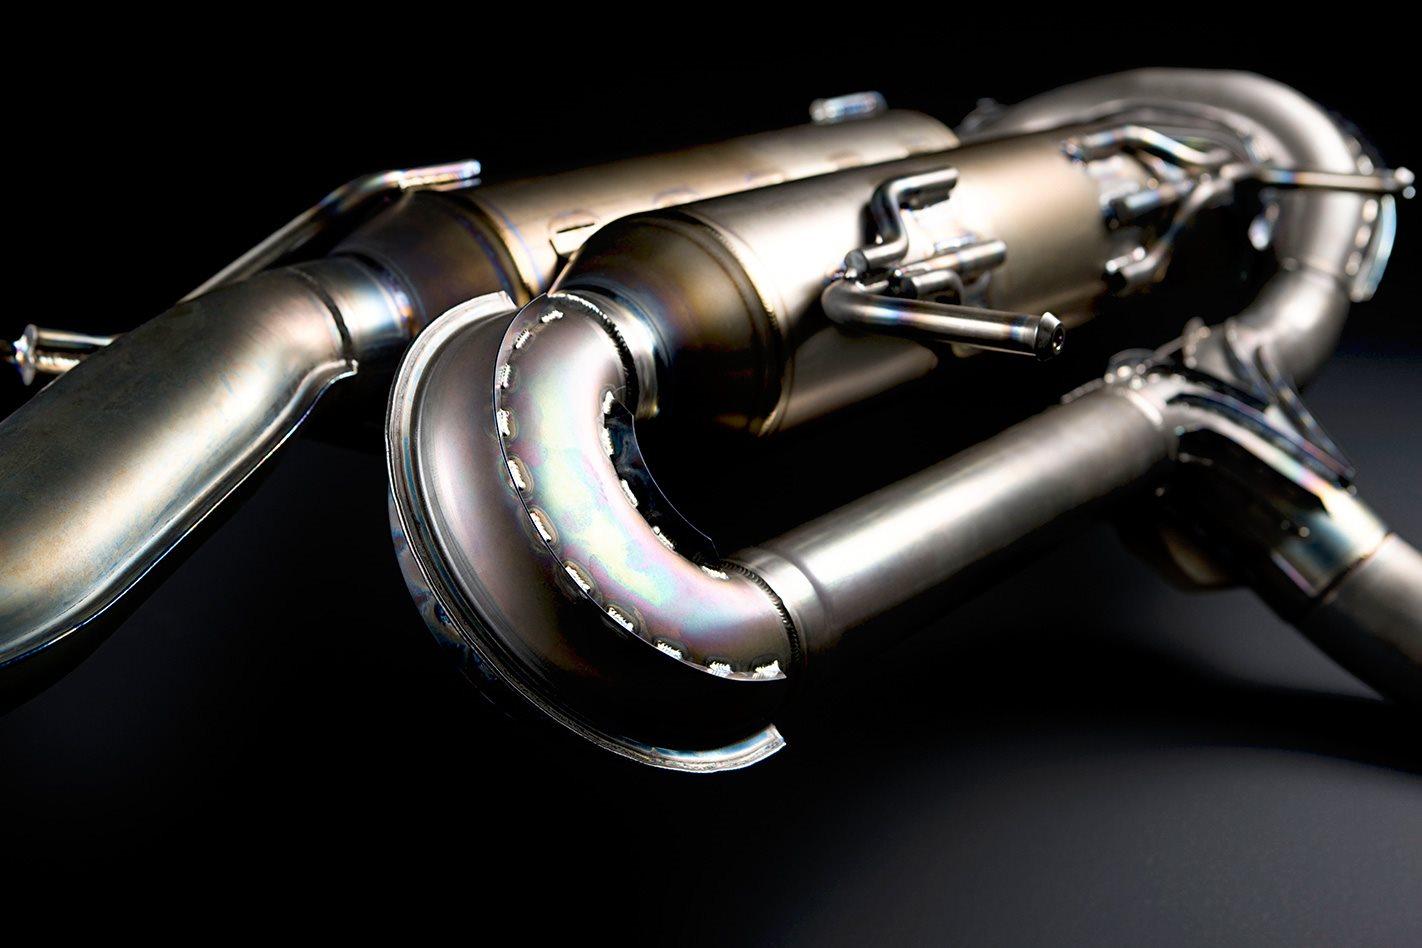 Nissan-GT-R-Spec-V-exhaust-system.jpg